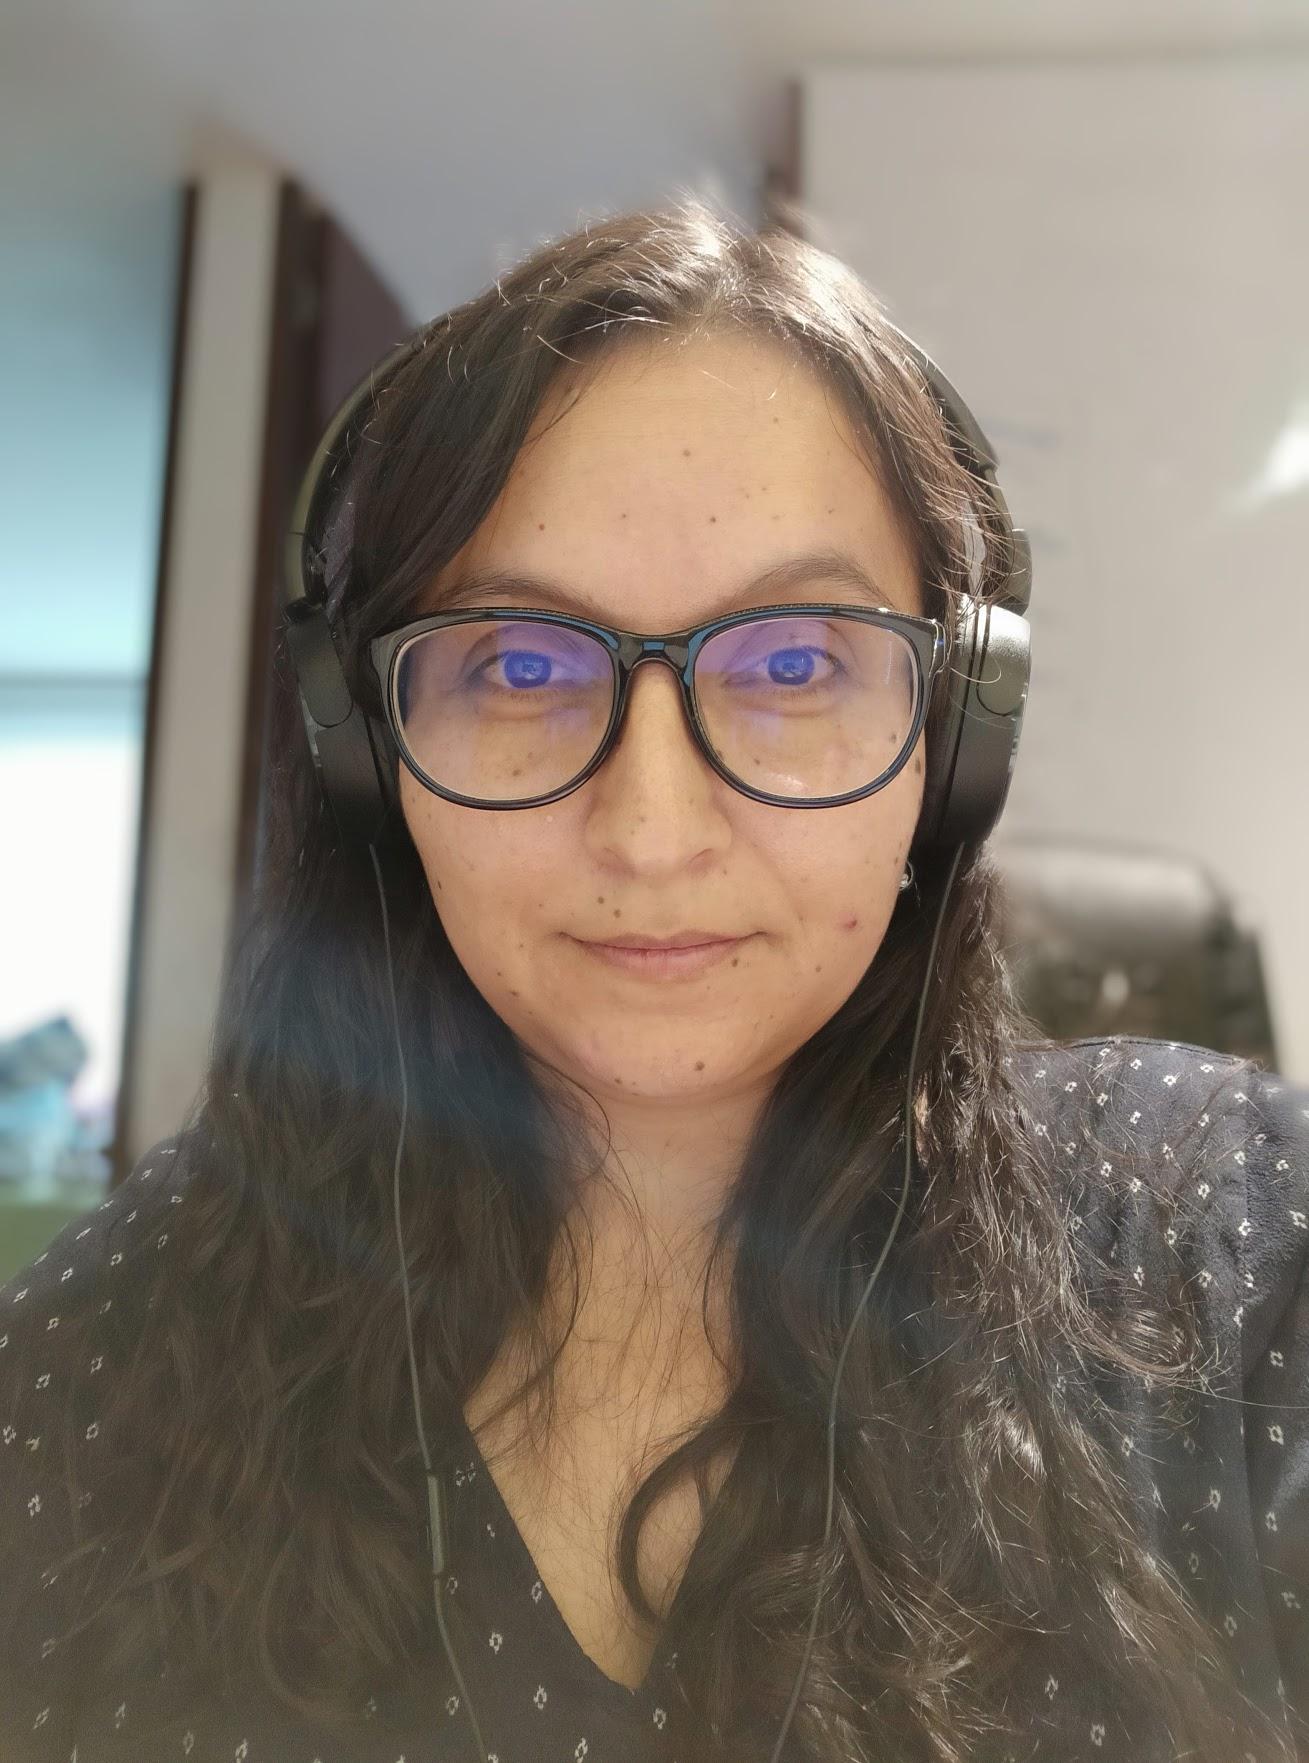 Jenny Daza Ingeniera de sistemas especialista en Ingeniería de software y gestión de diseño. Transformación digital.